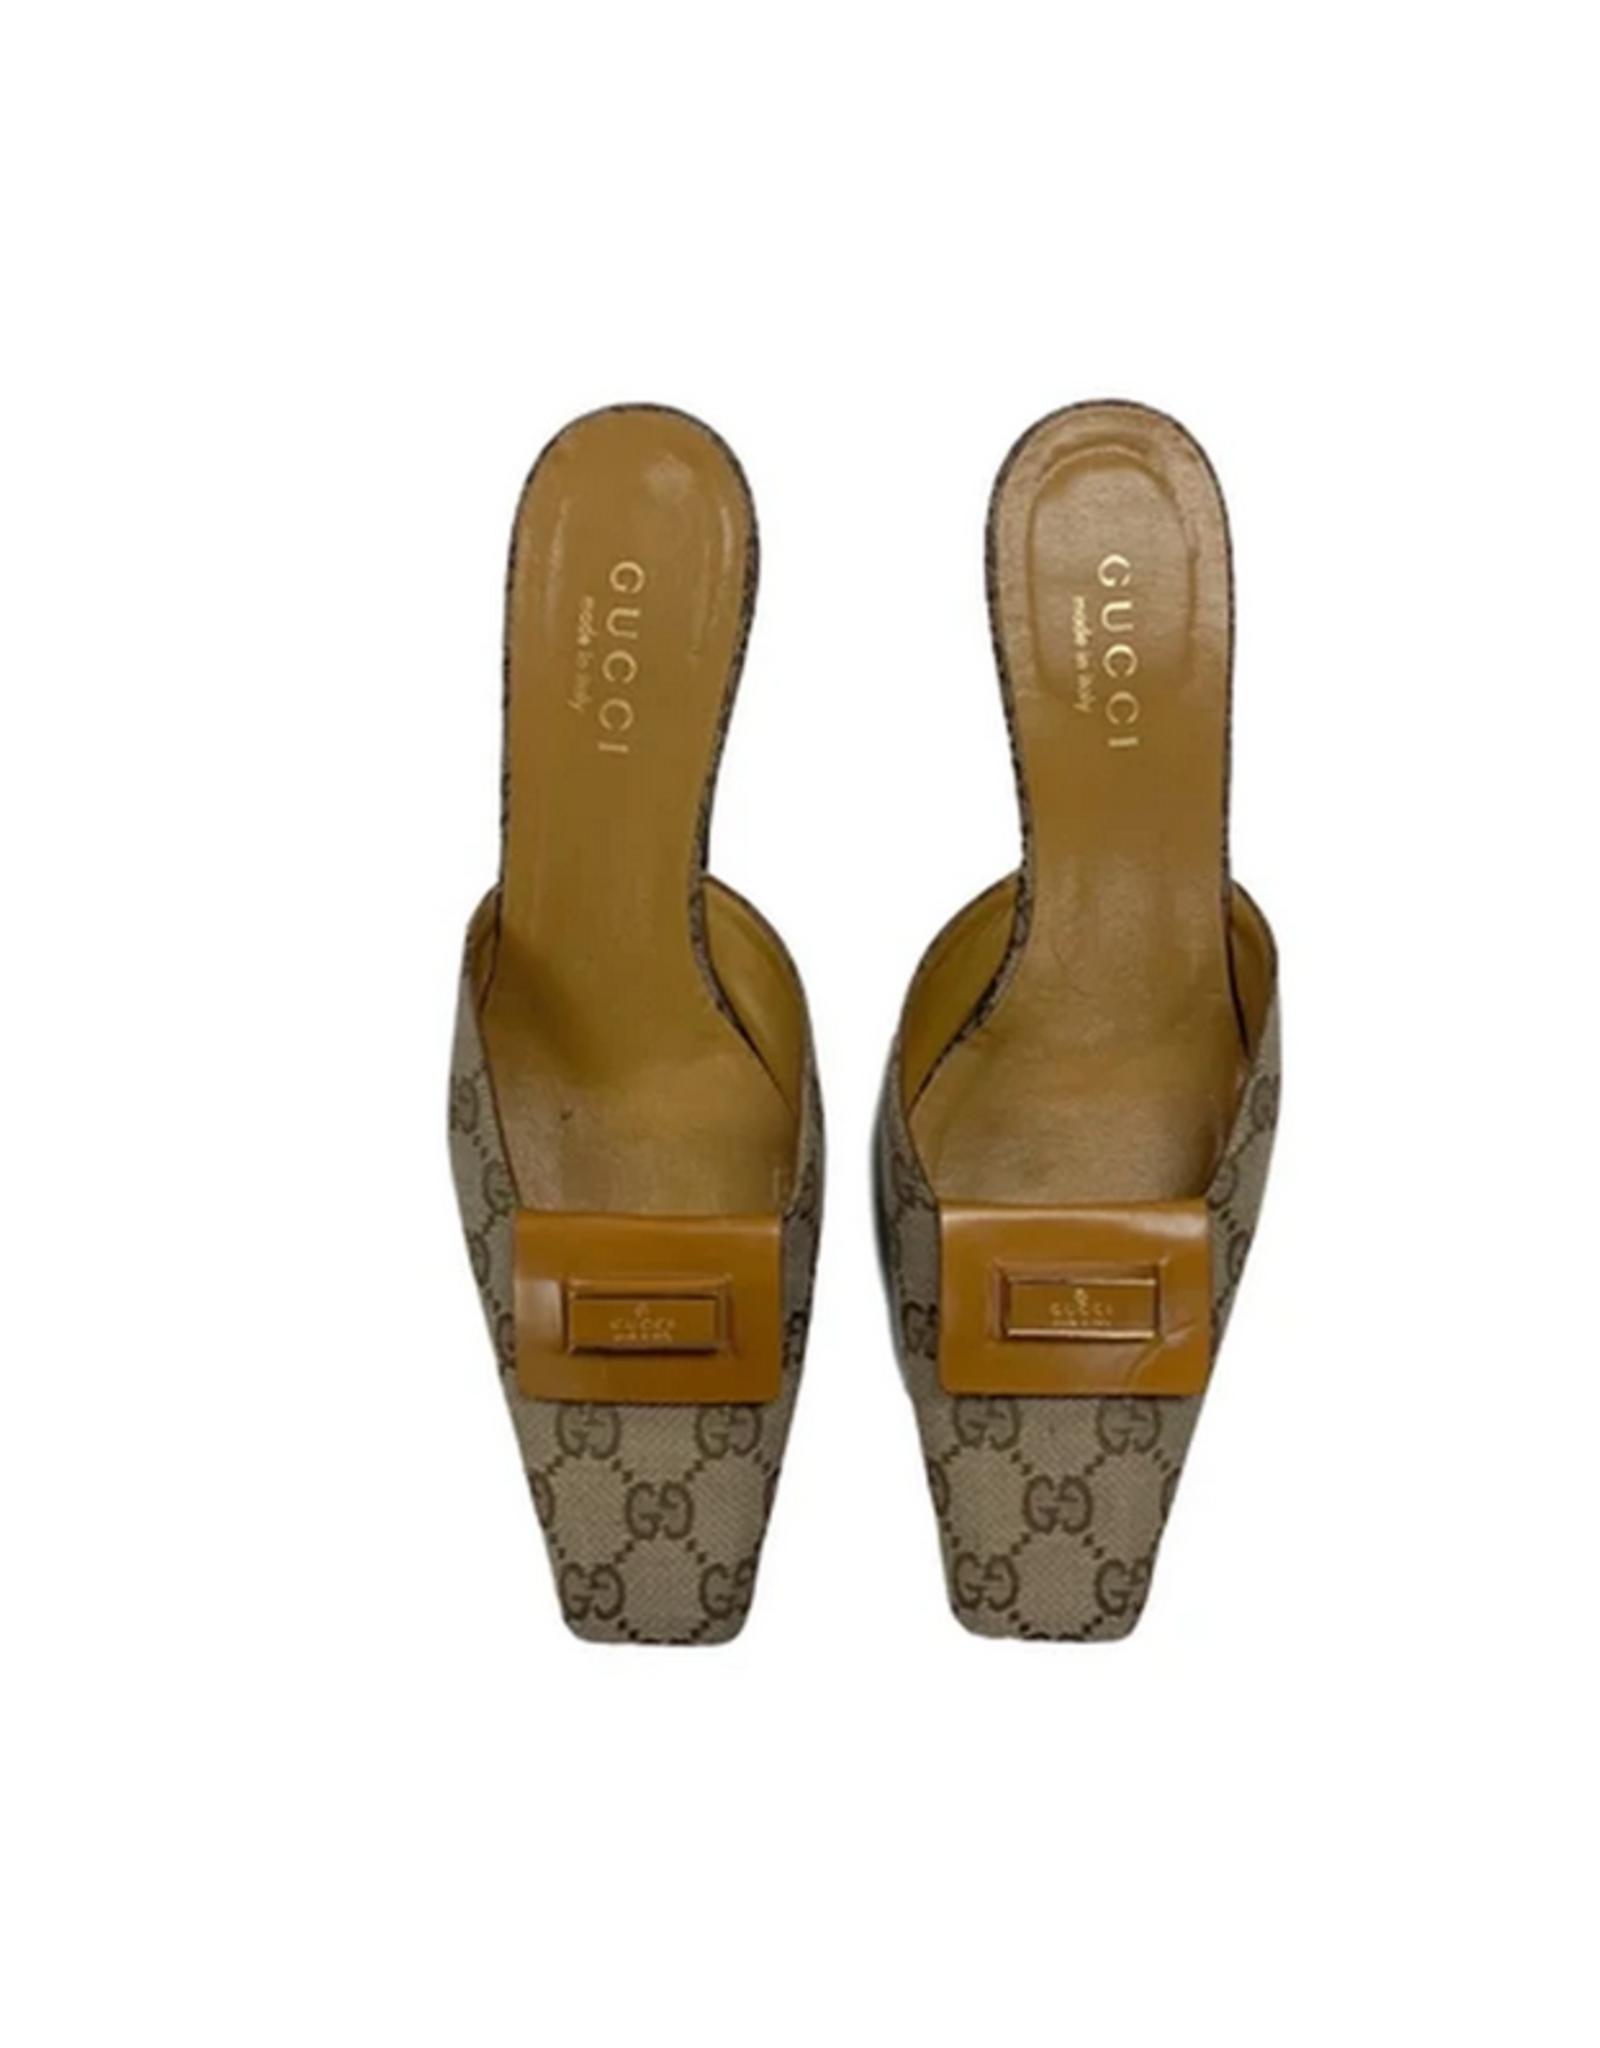 Gucci Gucci Kitten Heels - sz 7